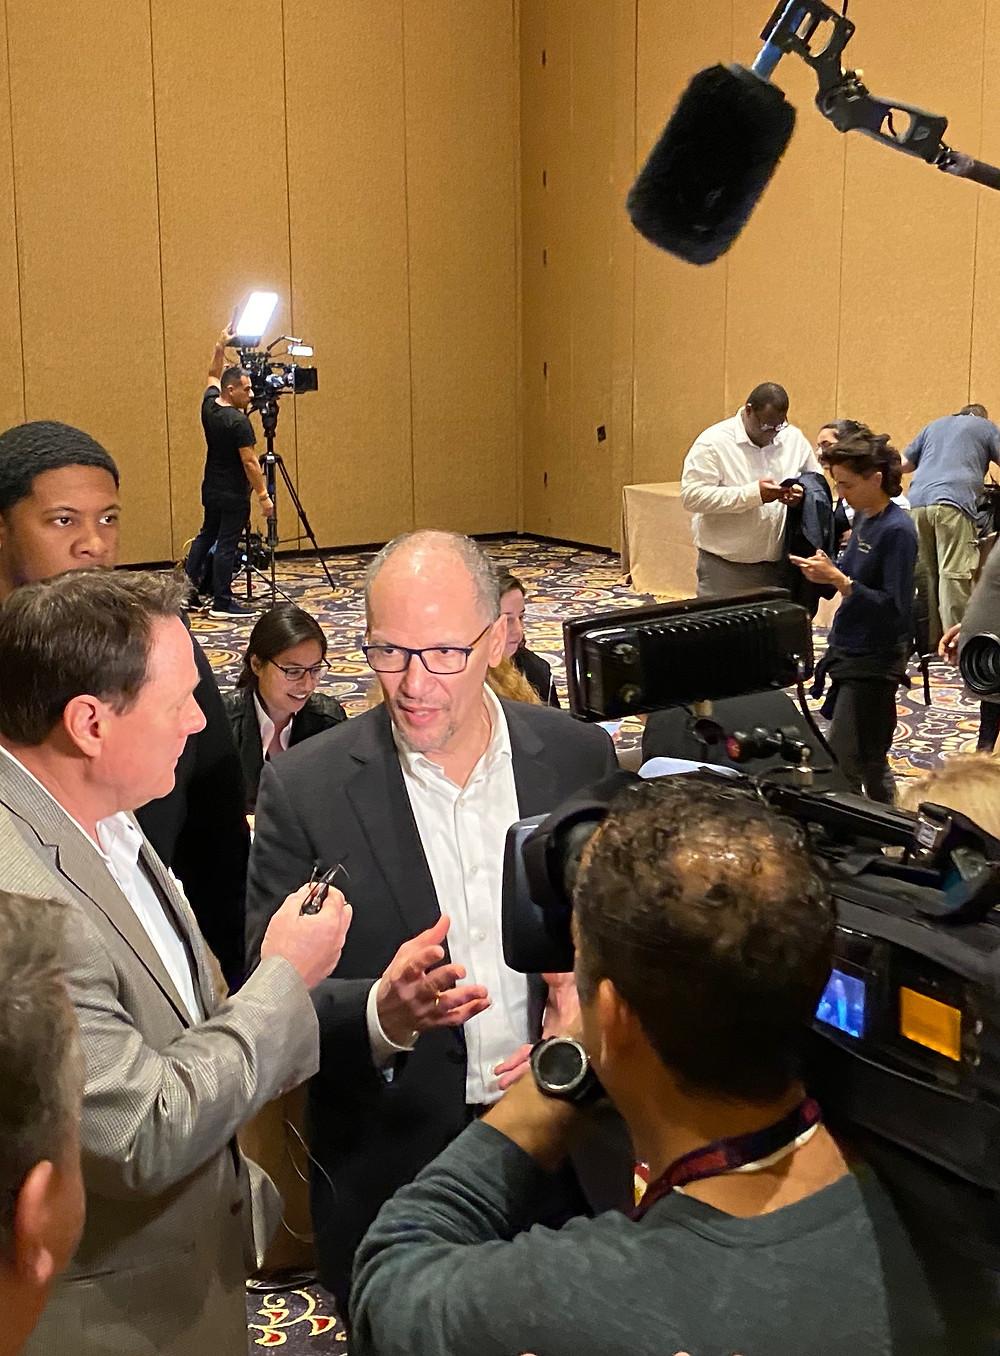 Tom Perez talks to media at the strip caucus at the Bellagio casino in Las Vegas.